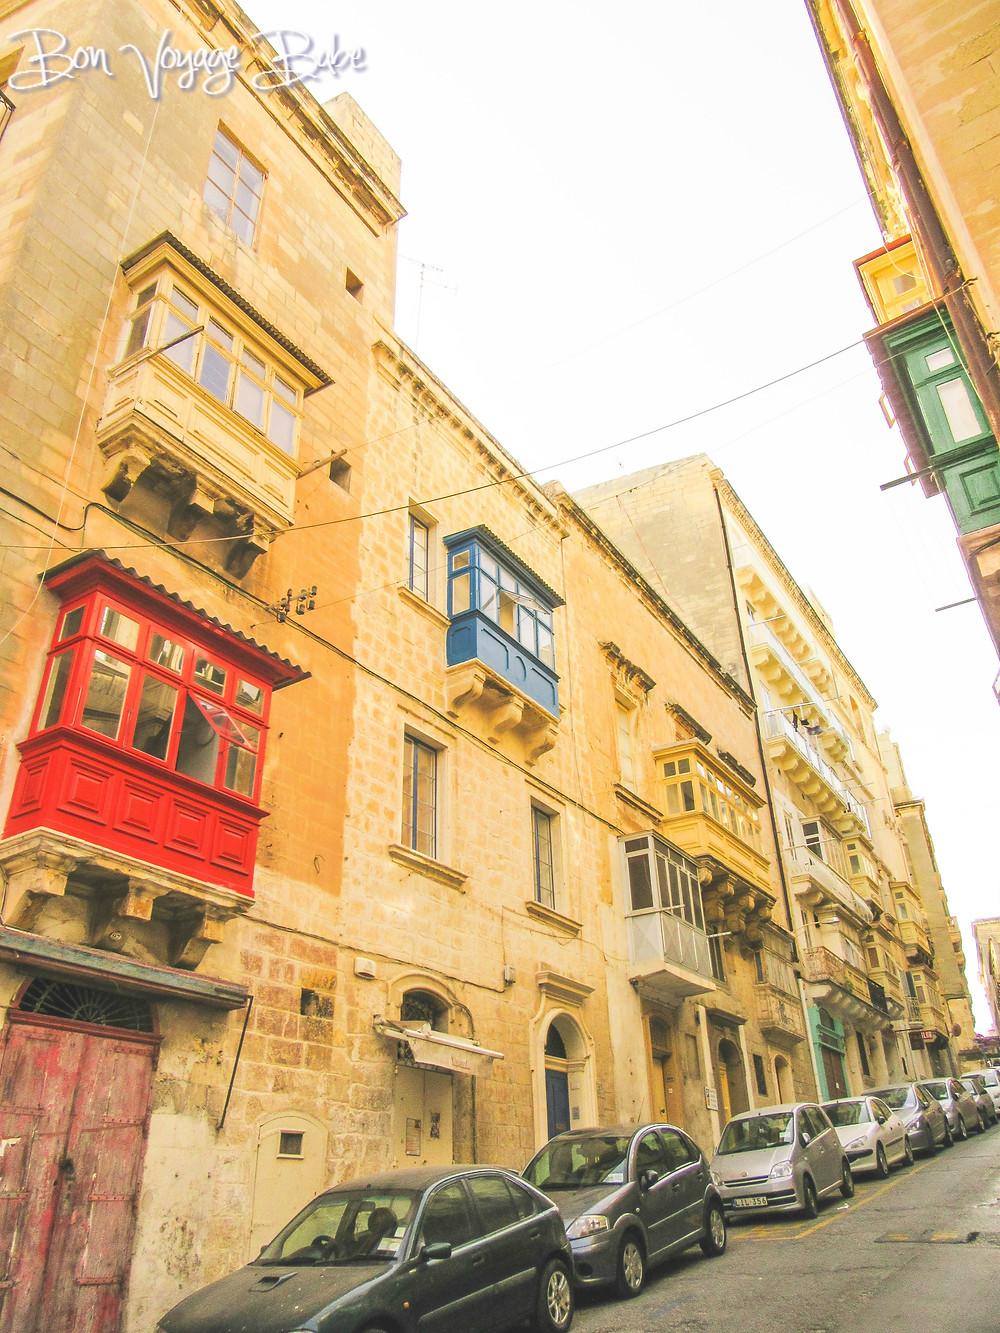 Valletta Malta Window Boxes Architecture Design